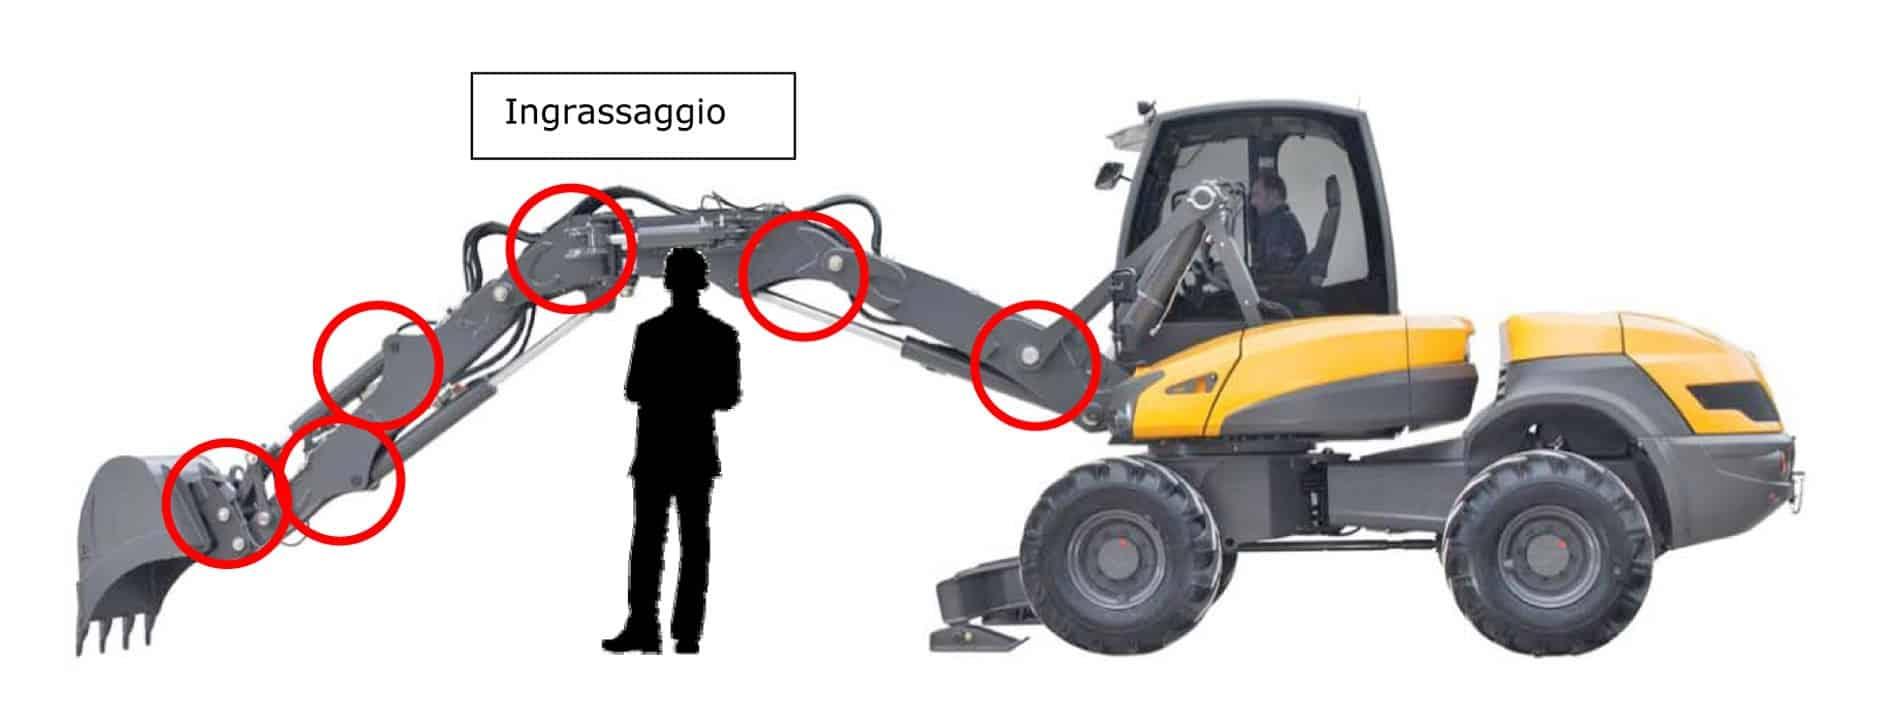 La manutenzione è più semplice da terra, con punti di controllo ad altezza uomo